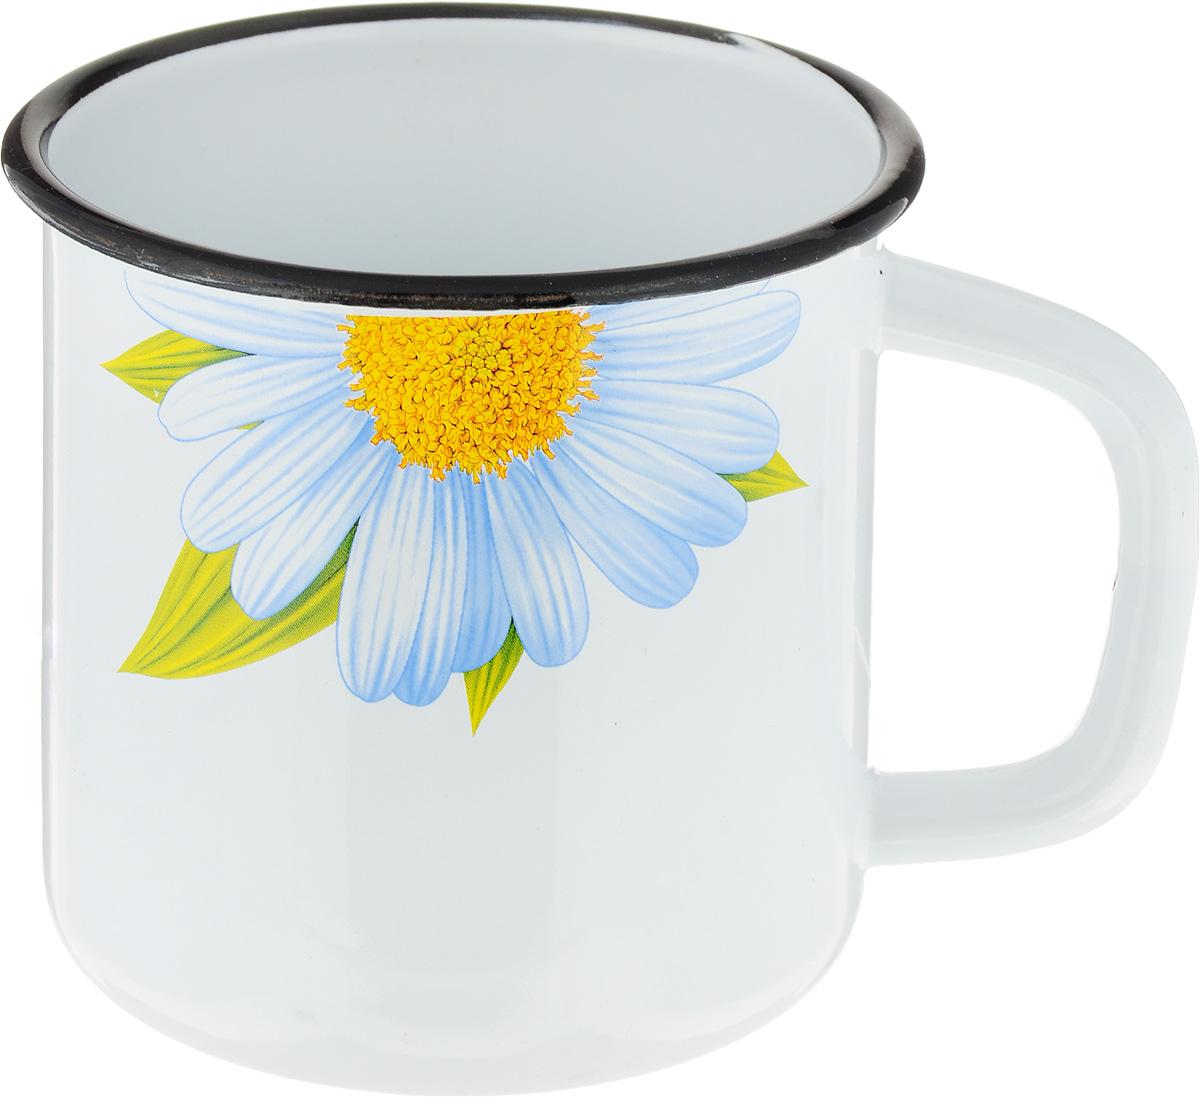 Фото - Кружка эмалированная Эмаль Ромашка, цвет: белый, 1 л лоток эмаль 1 л без рисунка